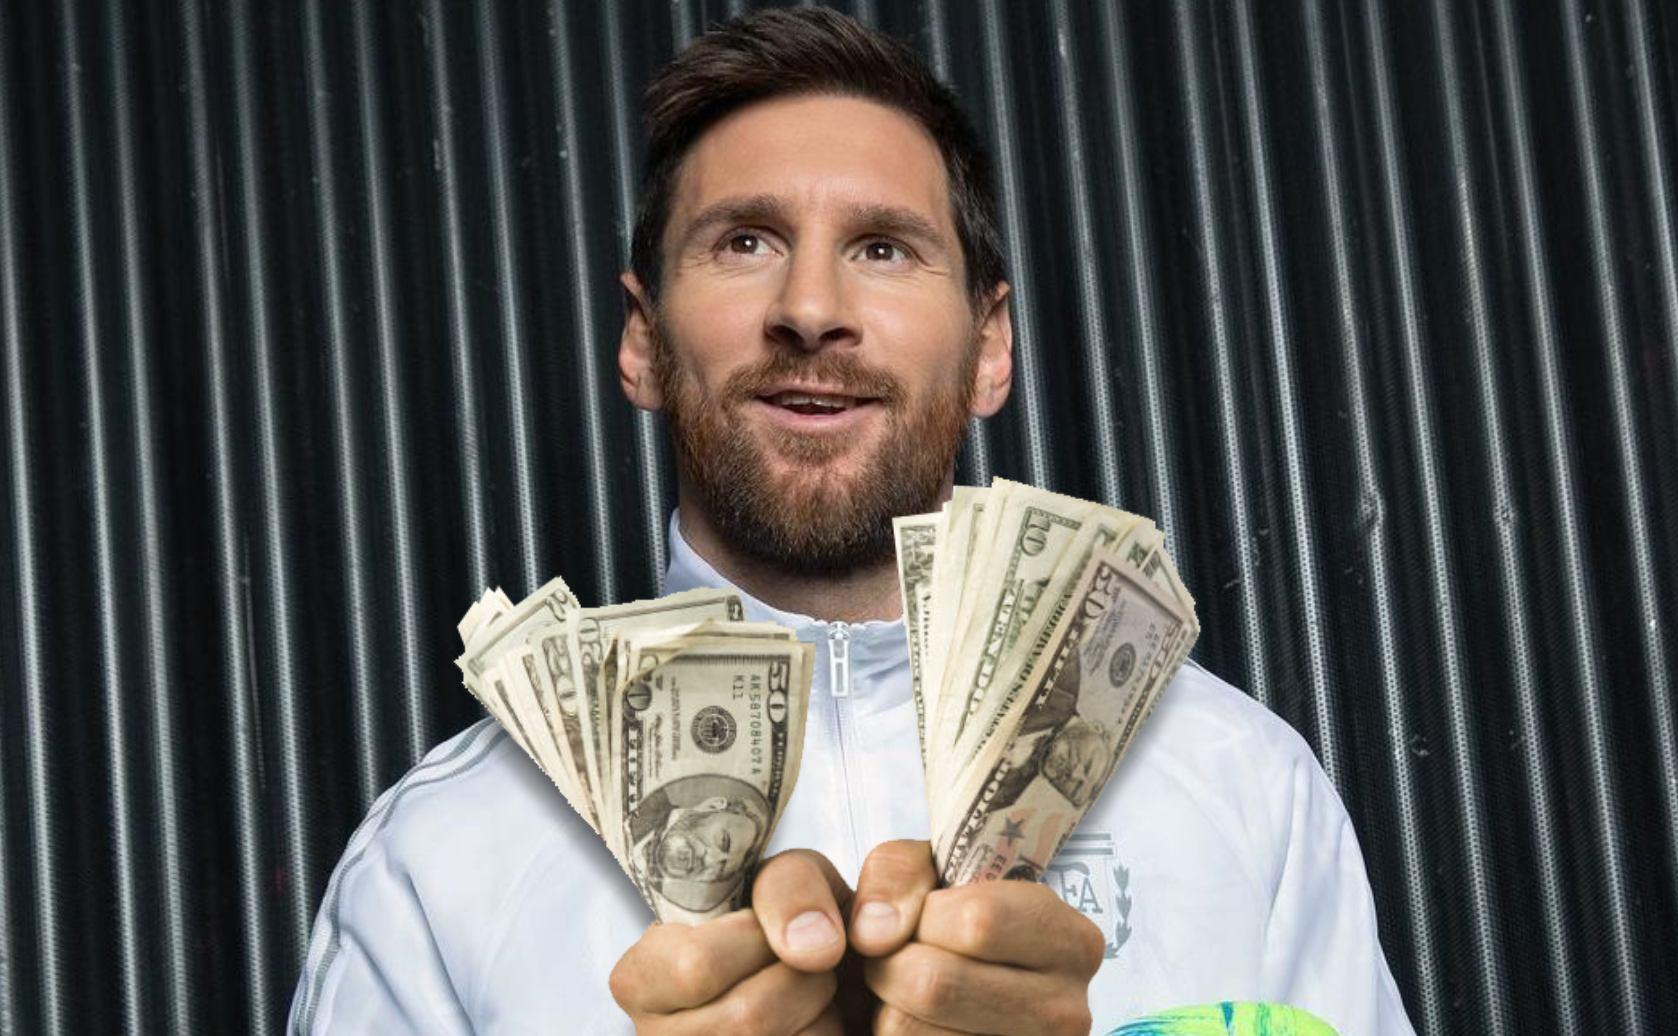 Lionel Messi salaris bestbetaalde sporter Barcelona